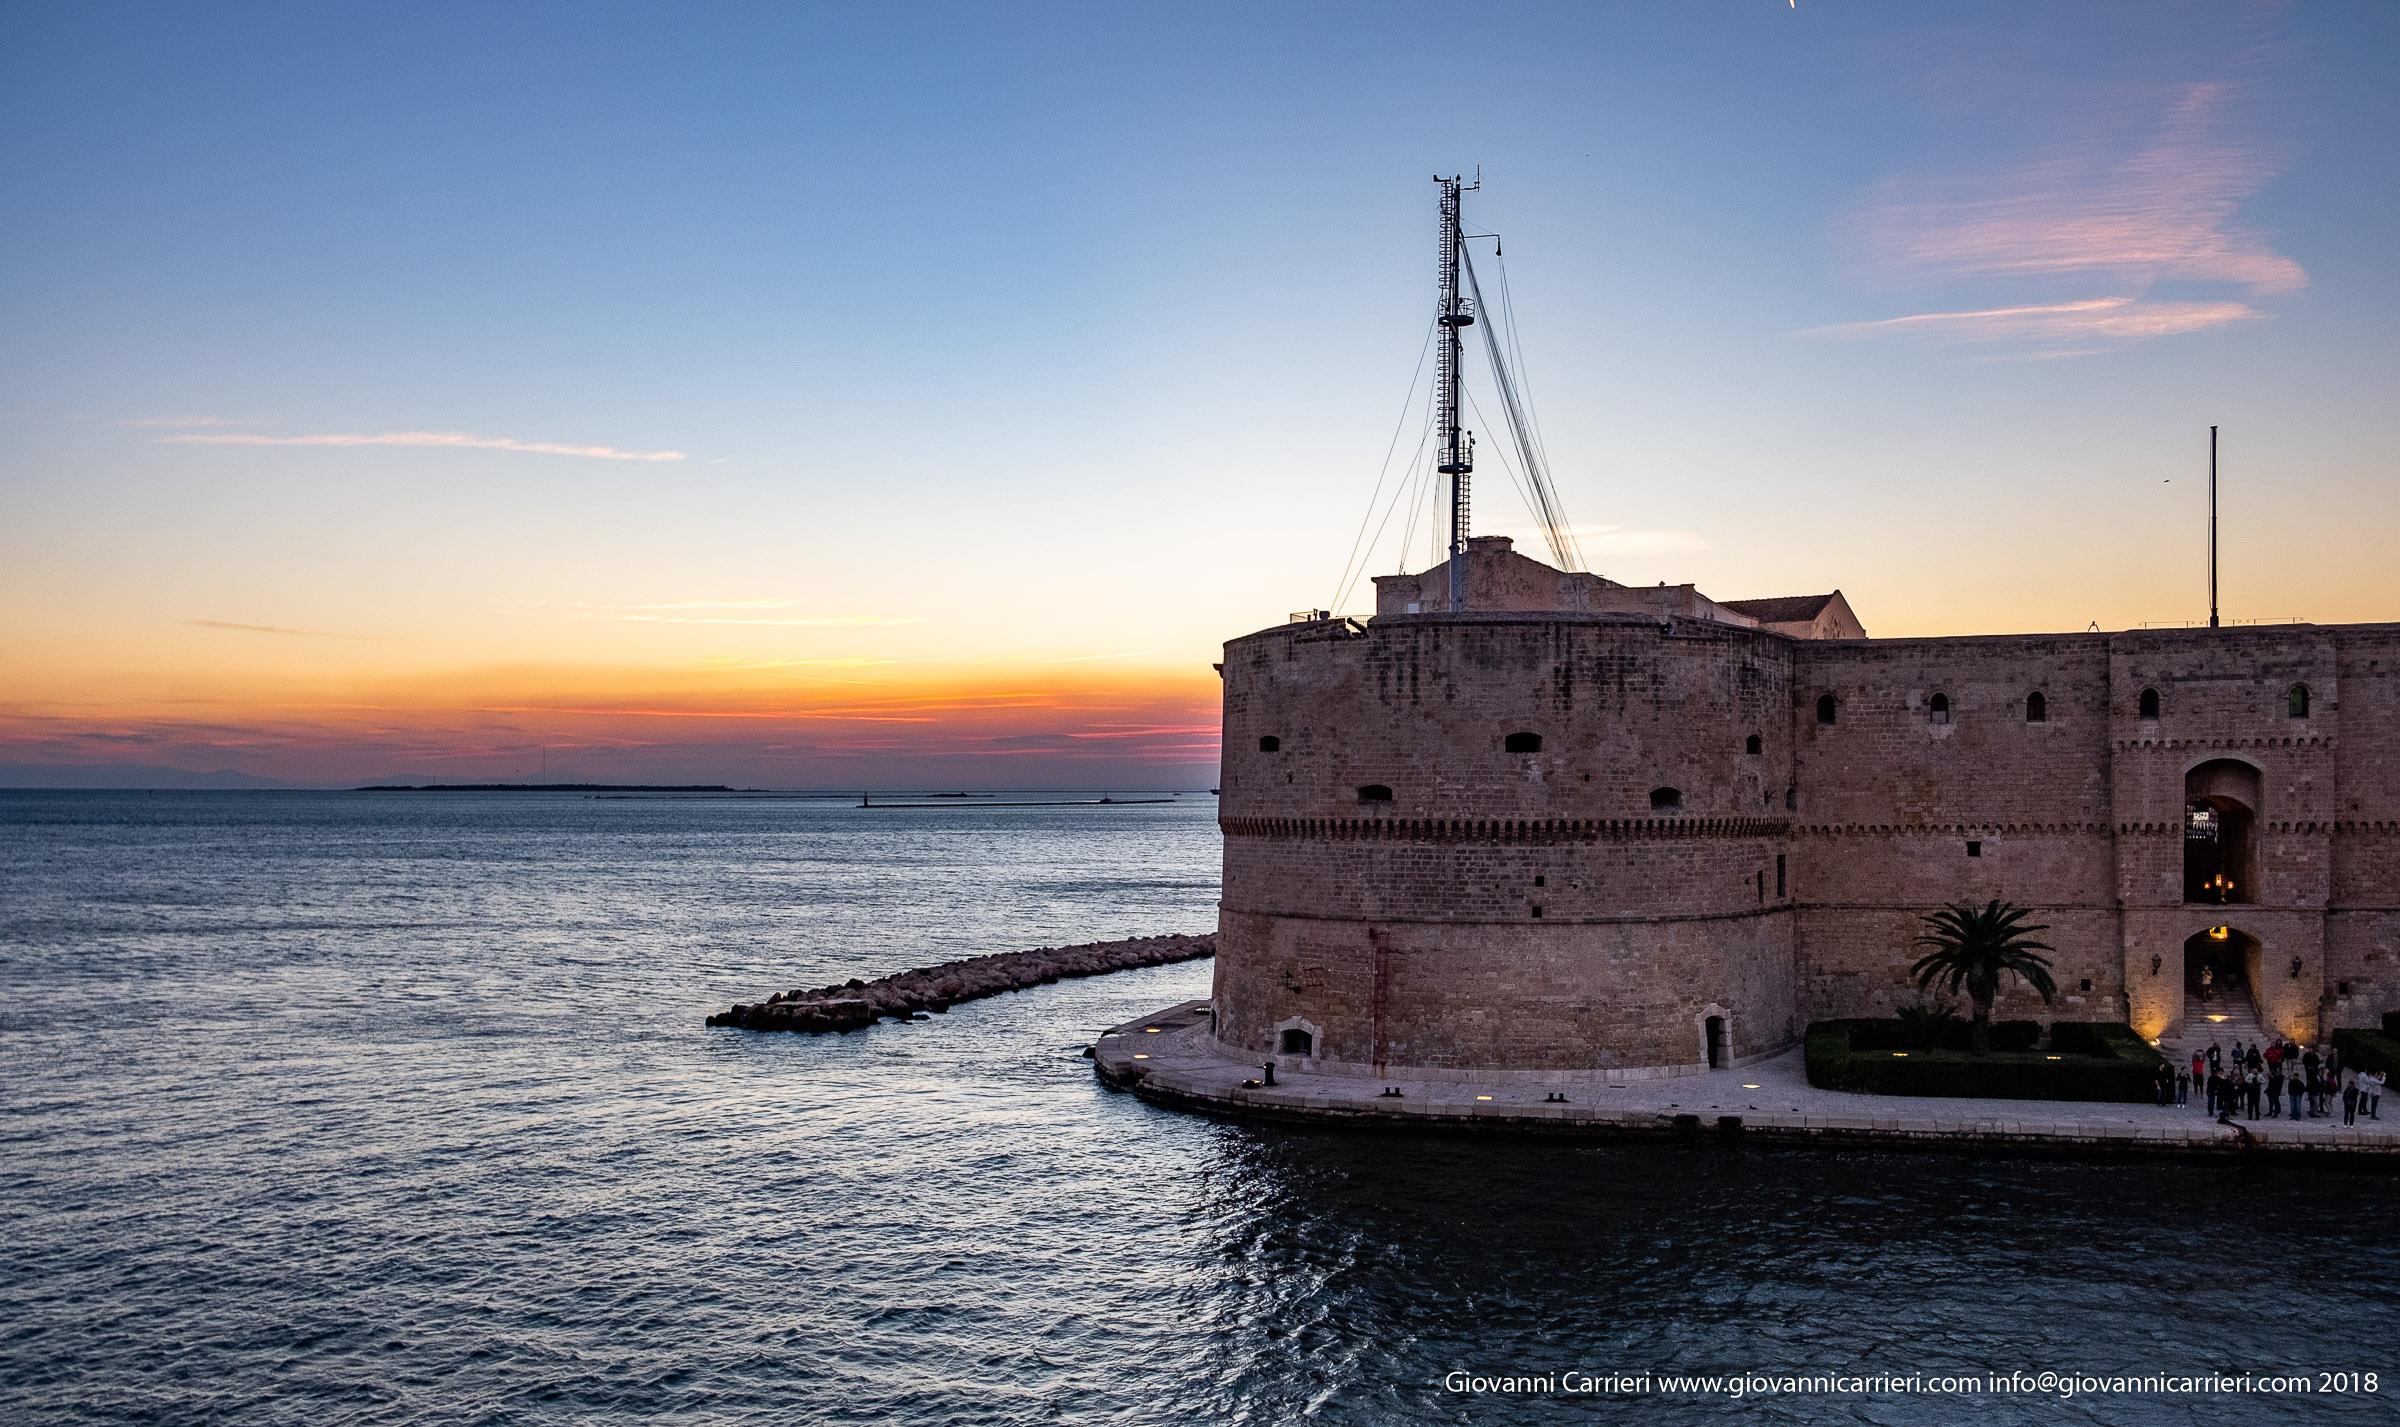 Scorcio del castello Aragonese al tramonto